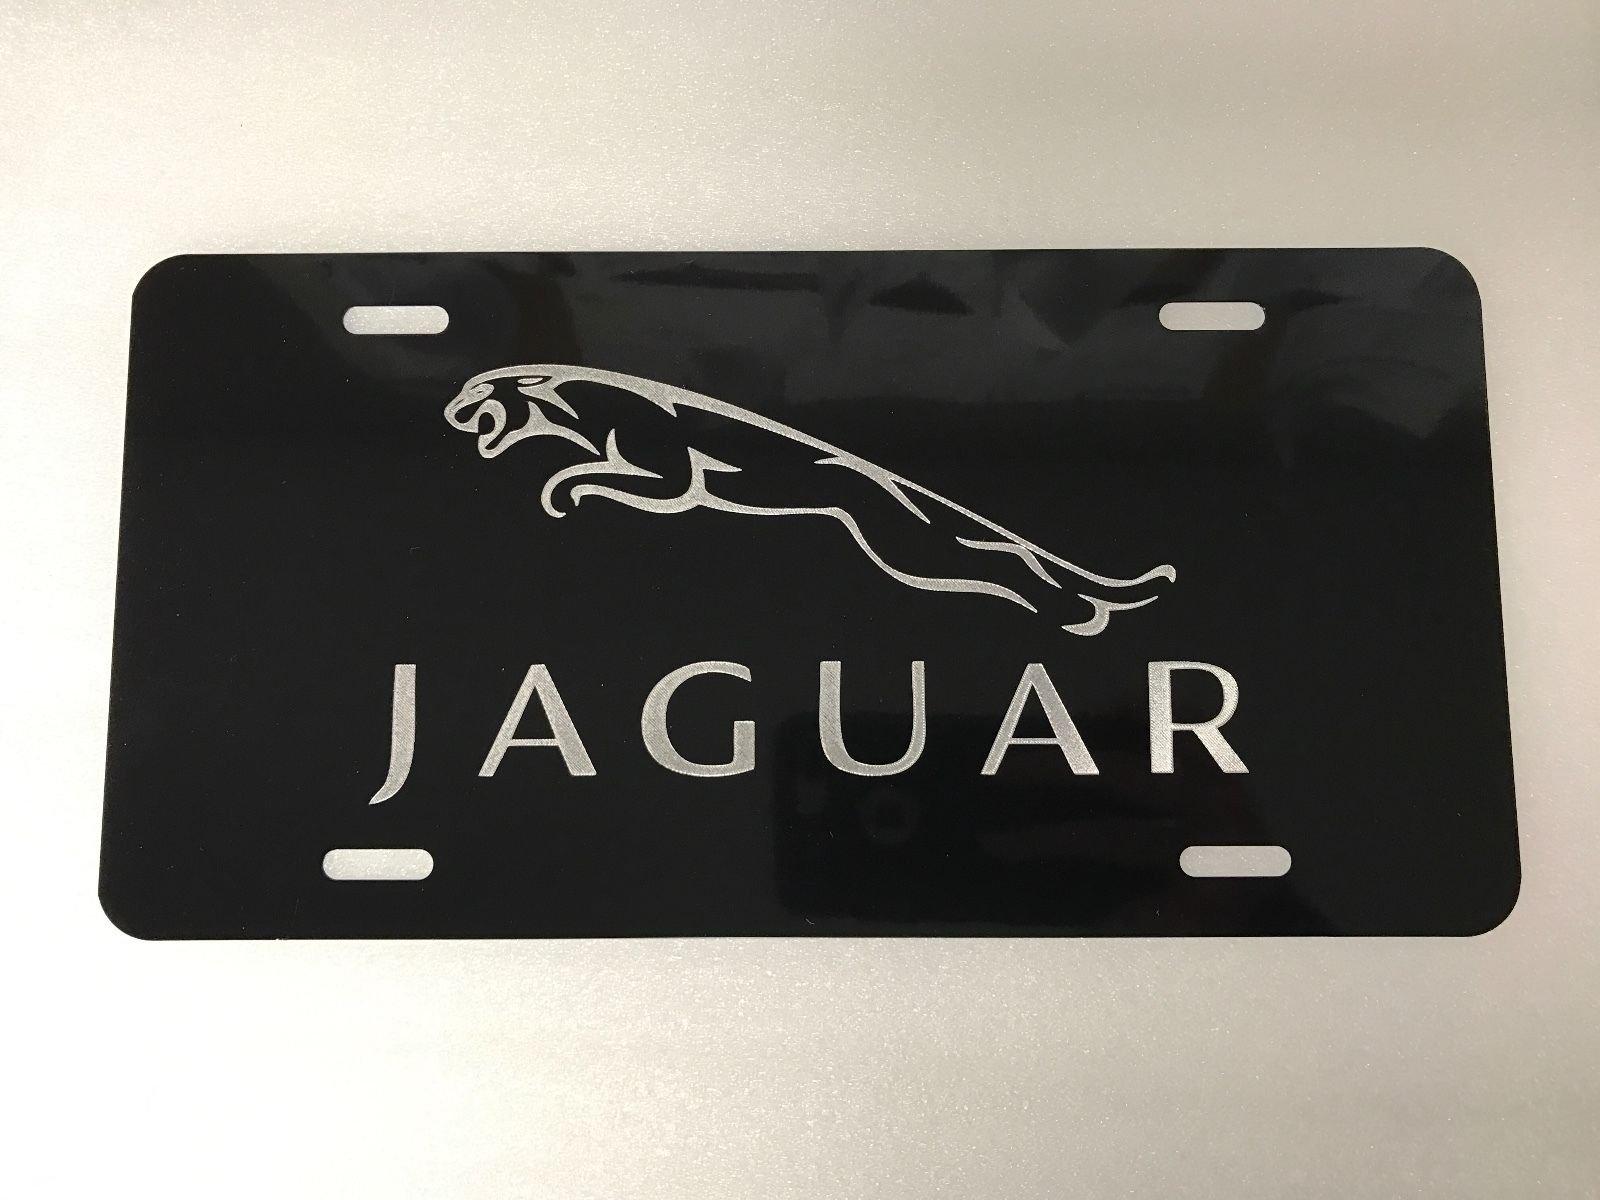 *JaguarLOGO* BLACK Metal License Plate Frame Tag Holder with Caps